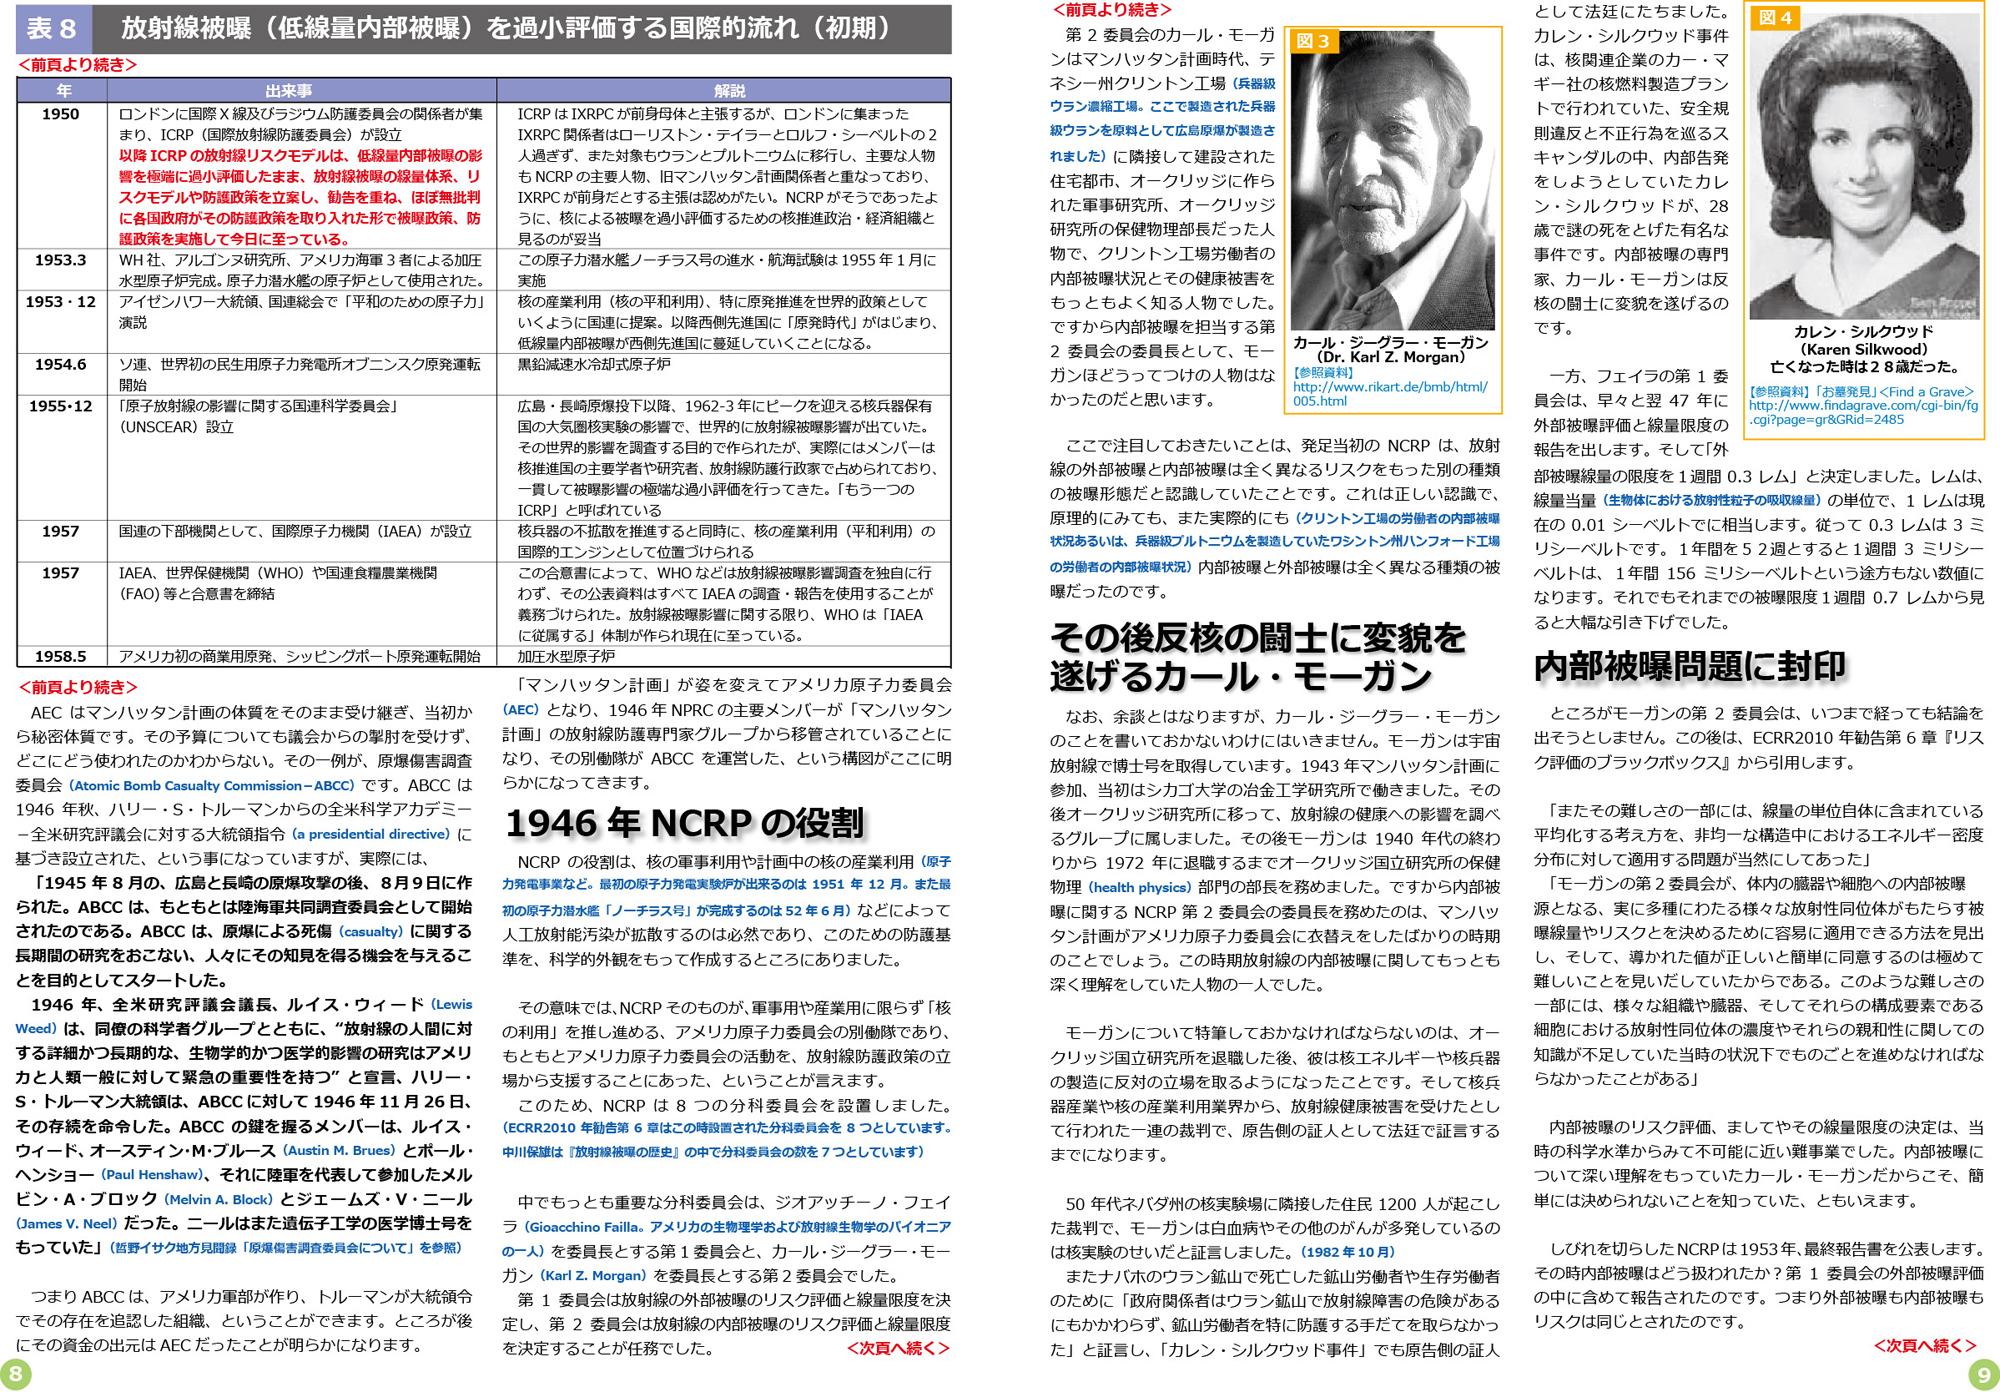 ファイル 418-5.jpg